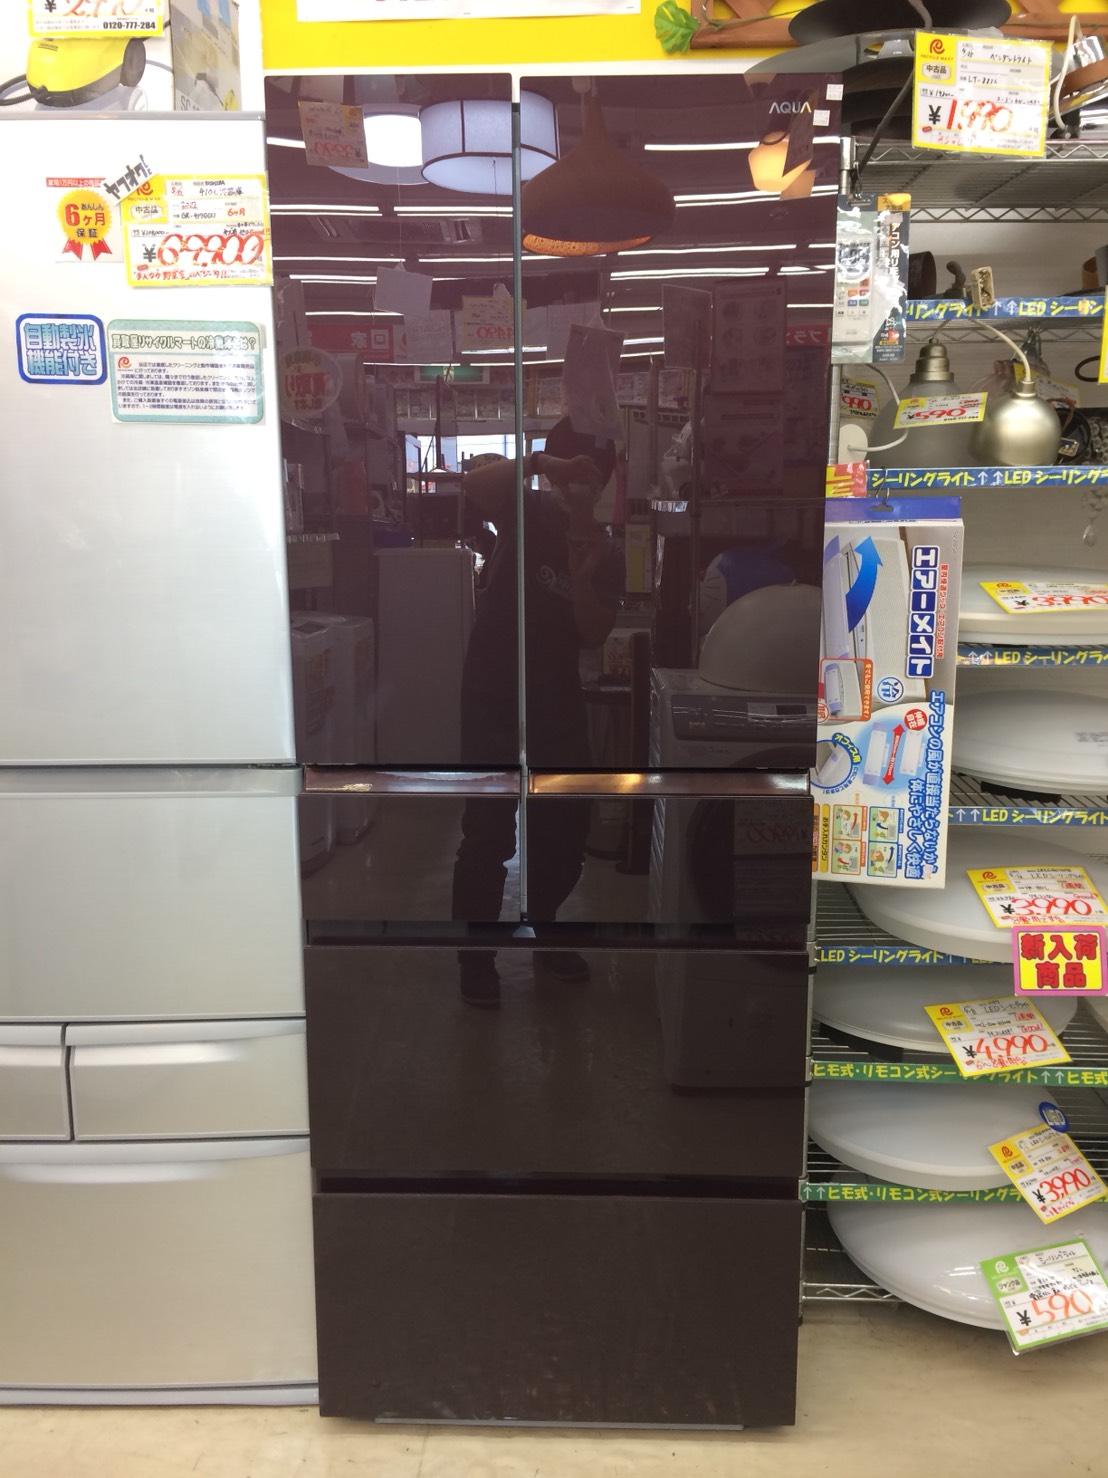 久々に大きな冷蔵庫入荷しました!「アクア/AQUA 501L冷蔵庫 ガラストップタイプ AQR-FG50D」を買取致しました。の買取-